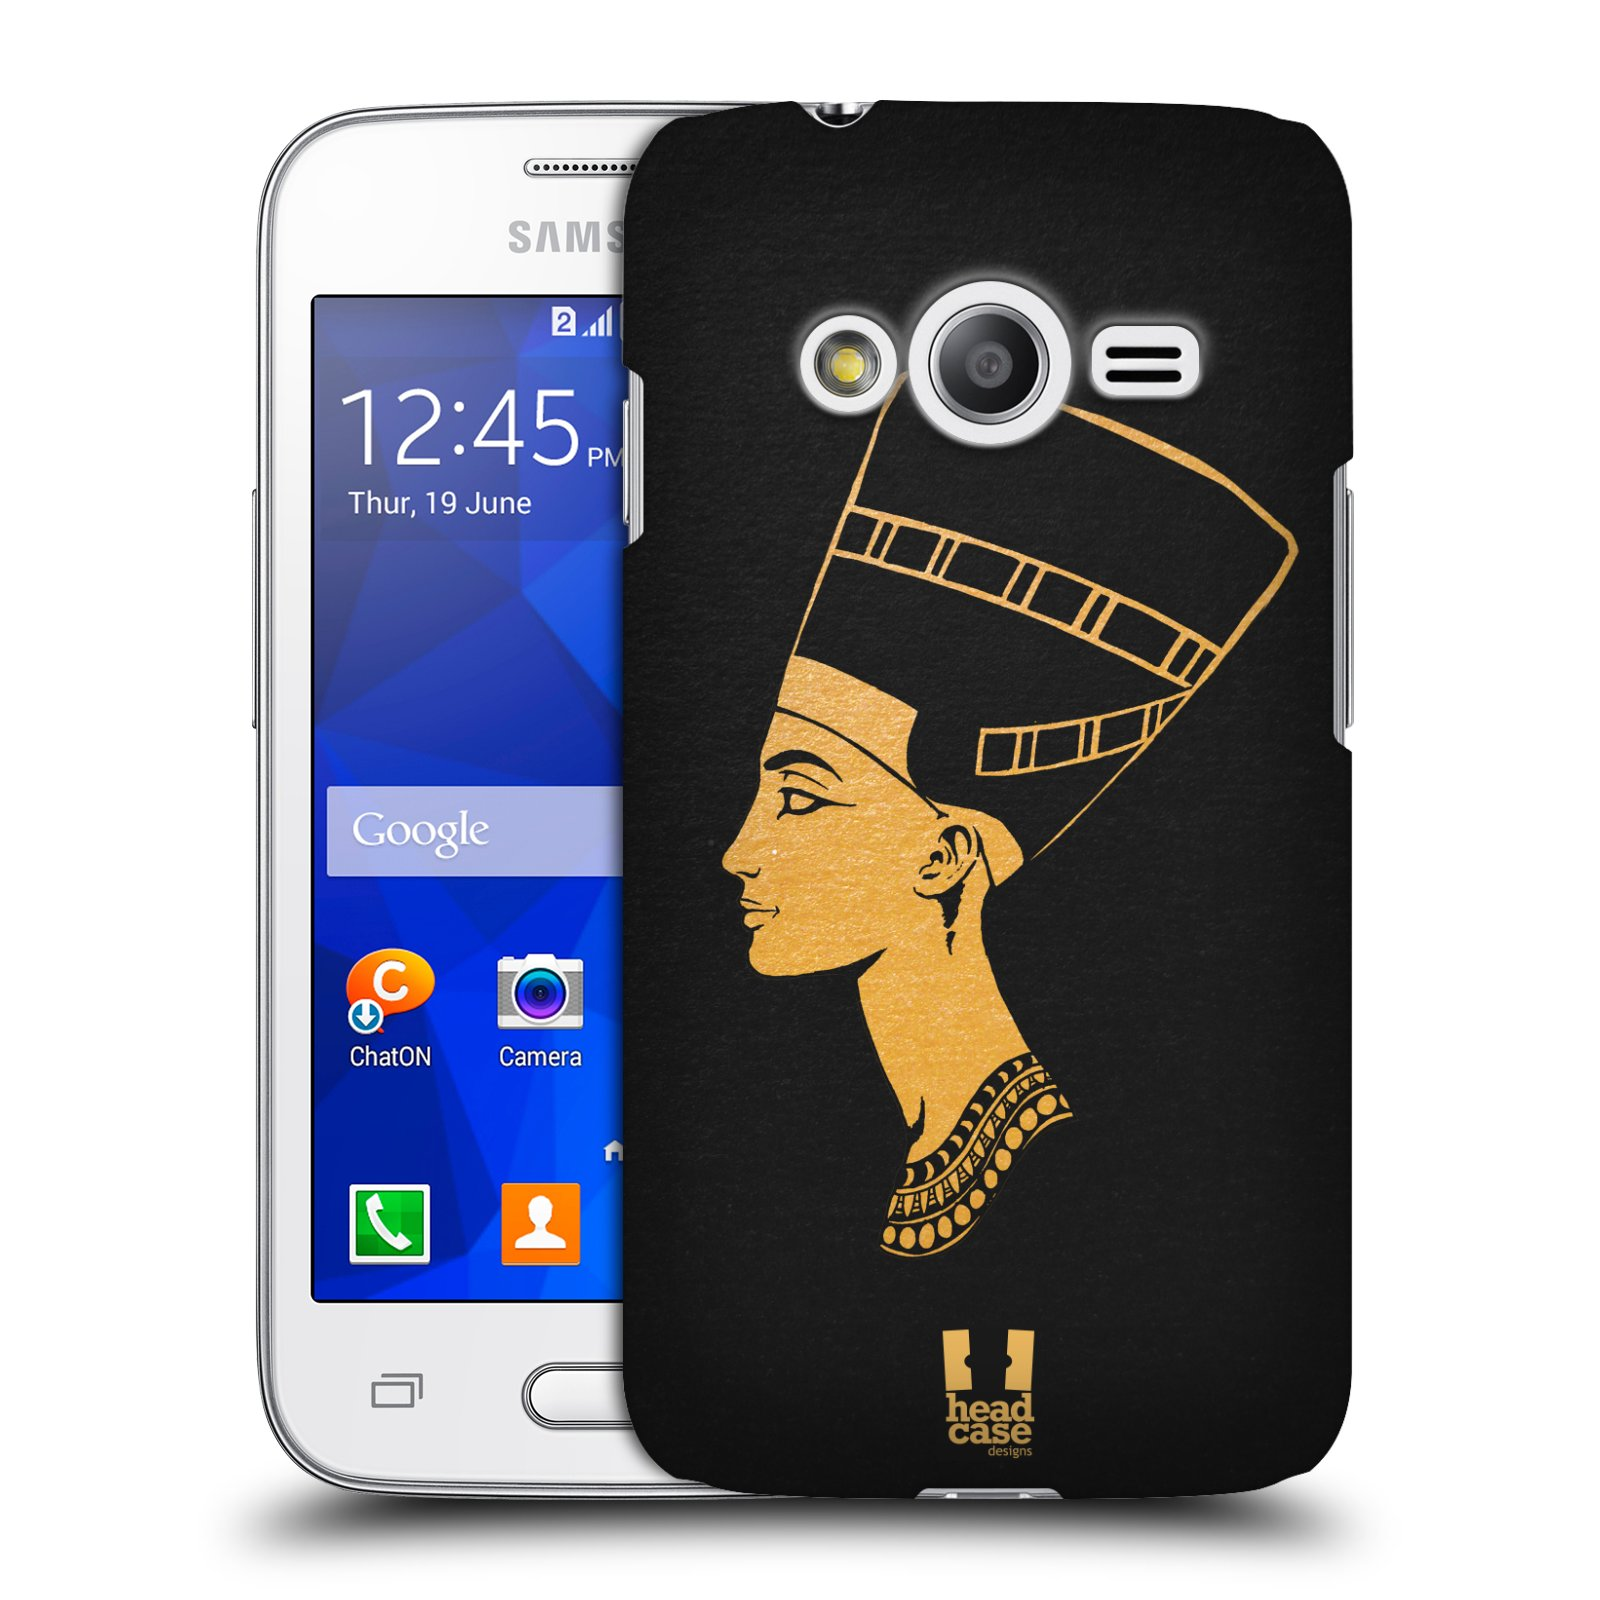 Plastové pouzdro na mobil Samsung Galaxy Trend 2 Lite HEAD CASE EGYPT NEFERTITI (Kryt či obal na mobilní telefon Samsung Galaxy Trend 2 Lite SM-G318)